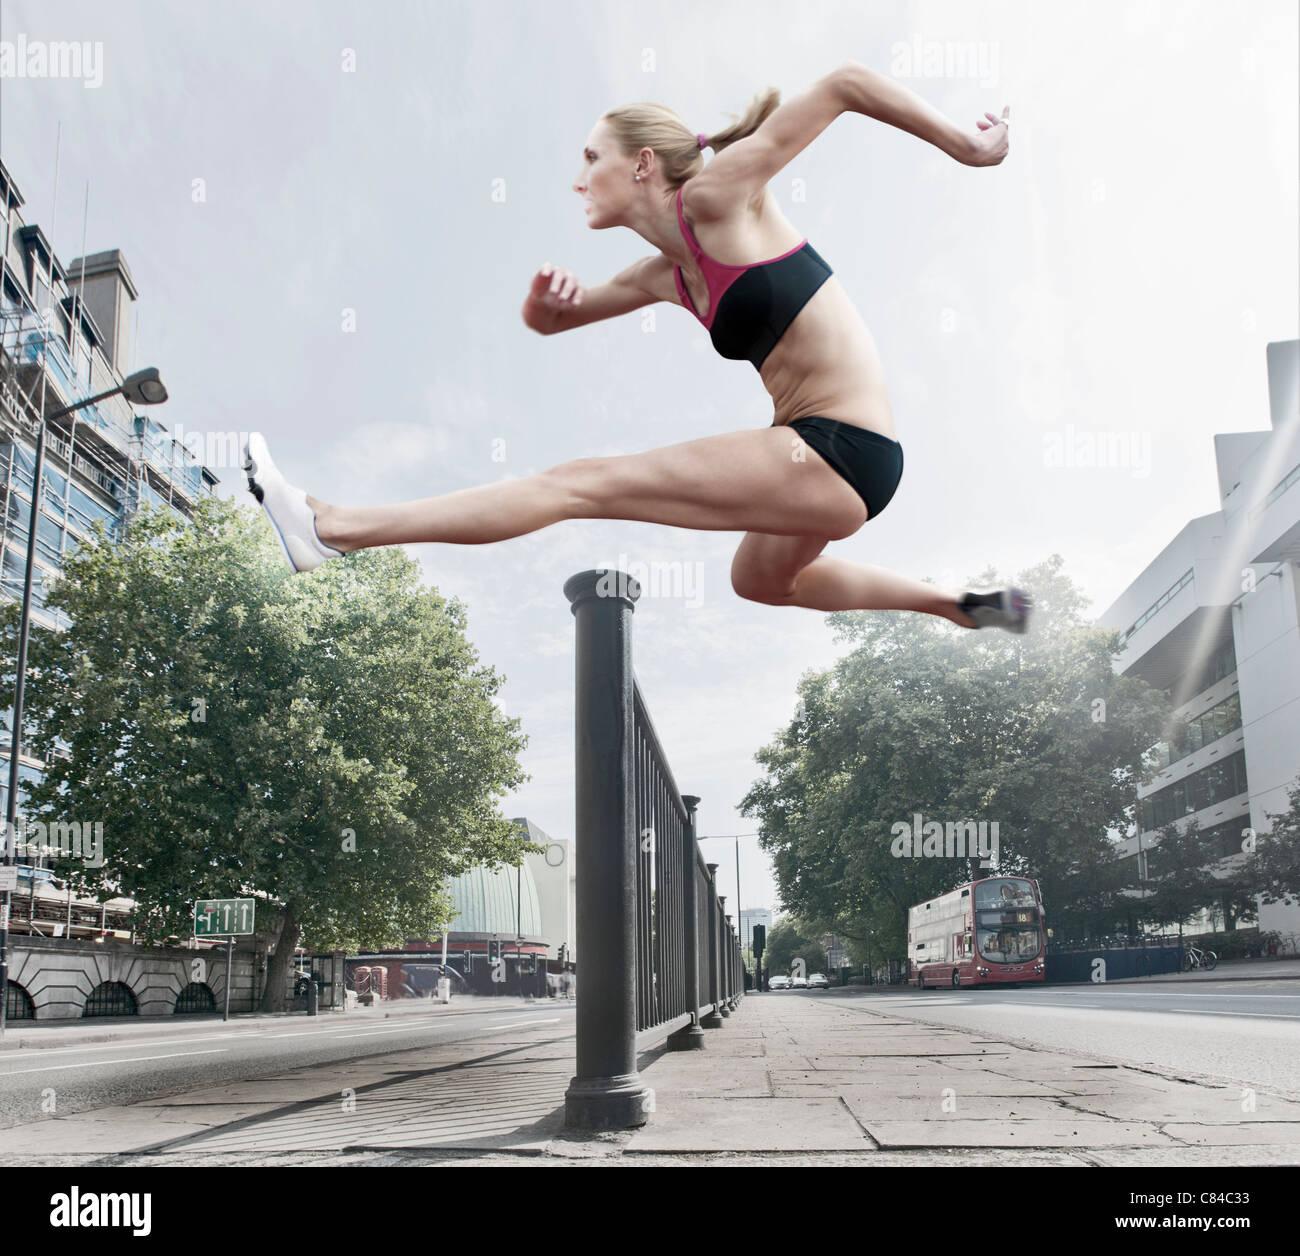 Sautant sur l'athlète Bannister Street Photo Stock